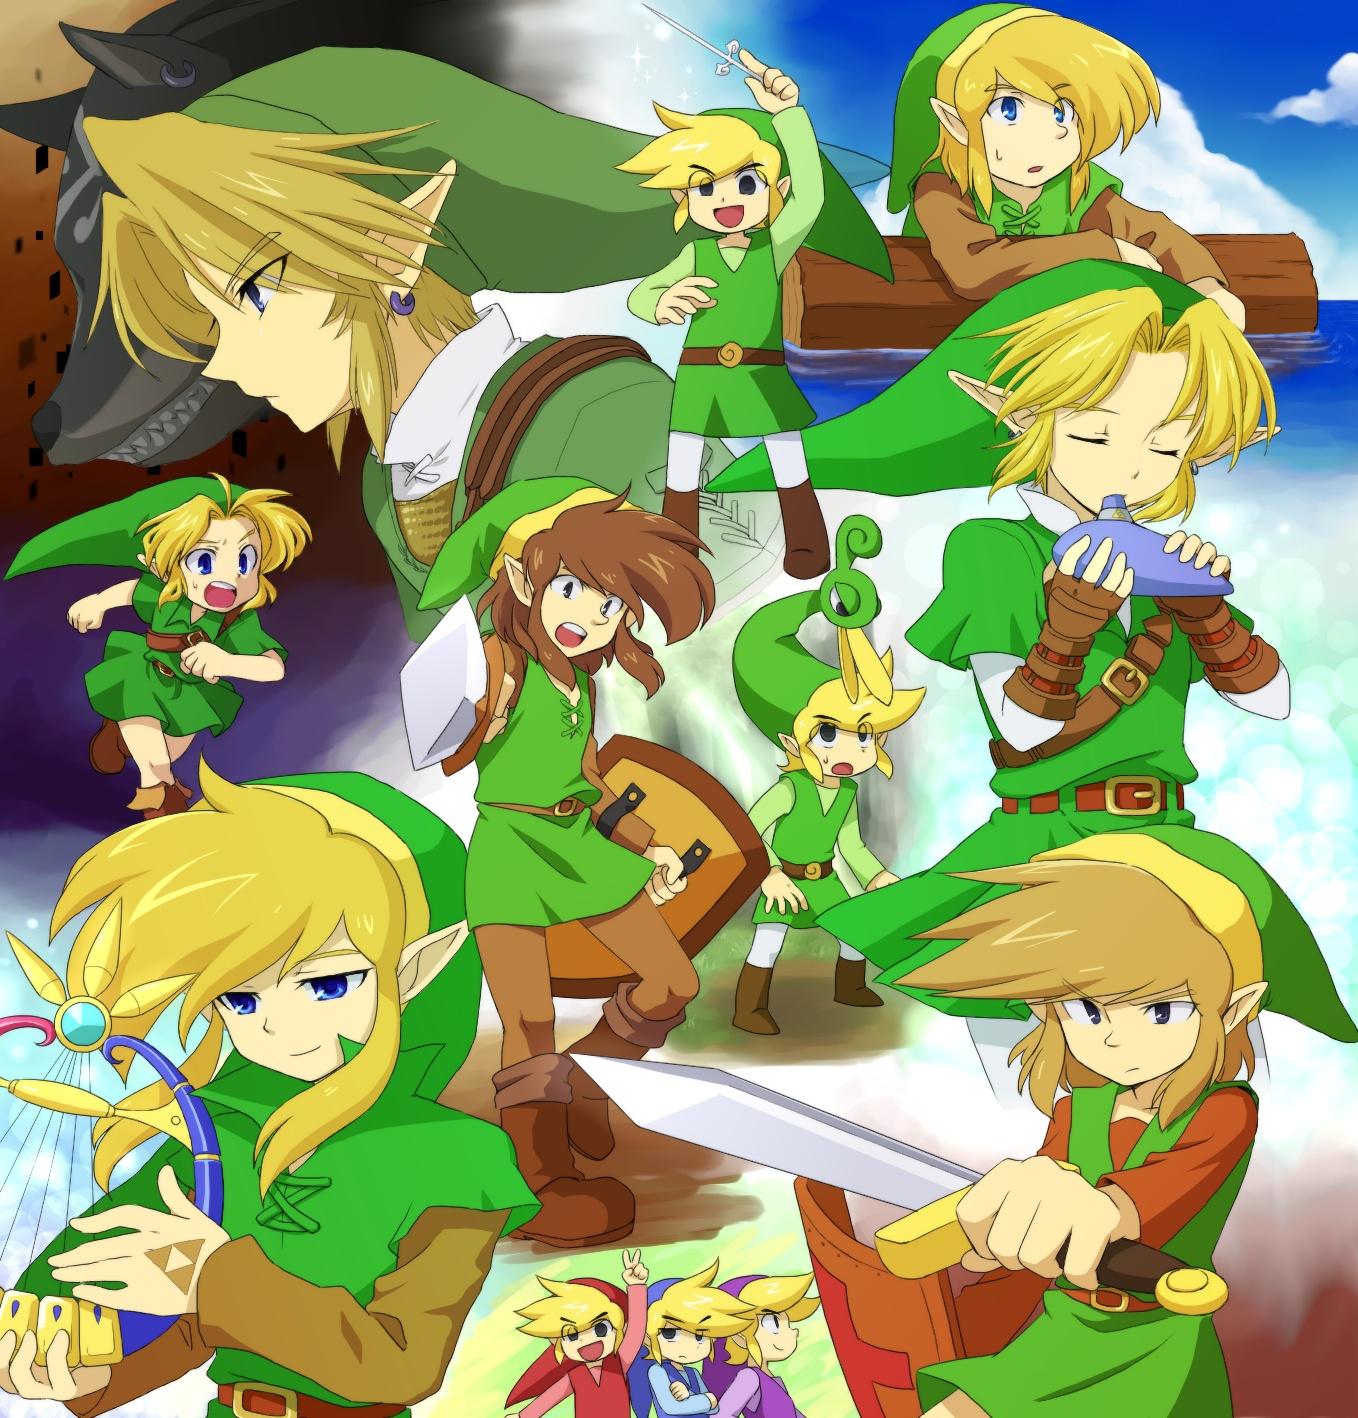 Zelda no Densetsu The Legend Of Zelda Image 217192  Zerochan